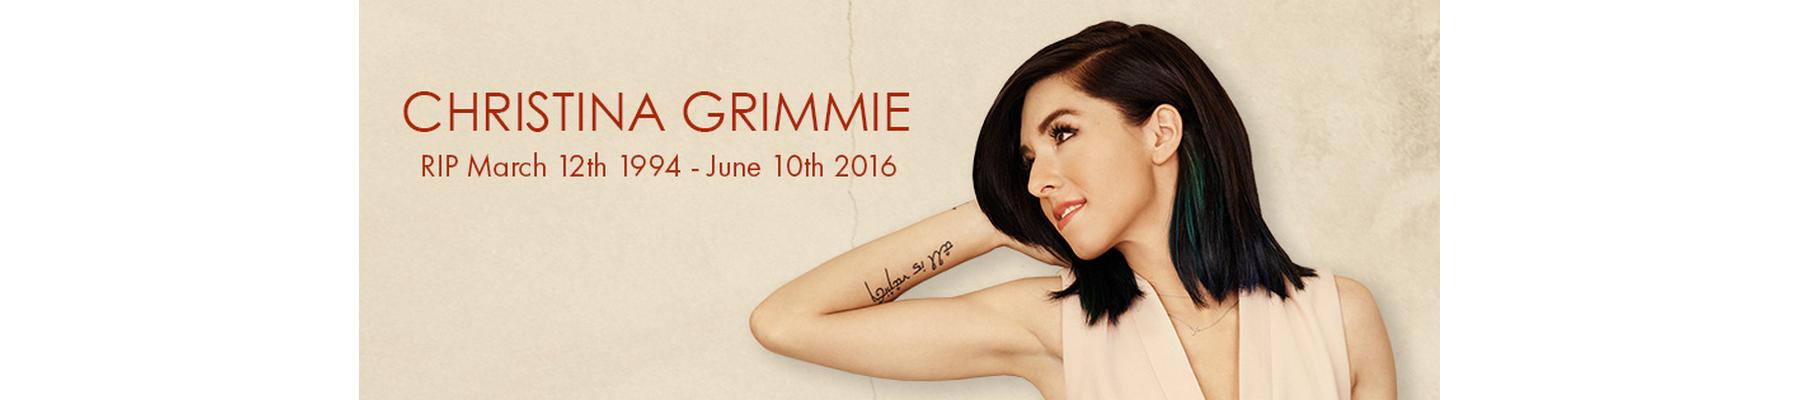 Team Grimmie \|/